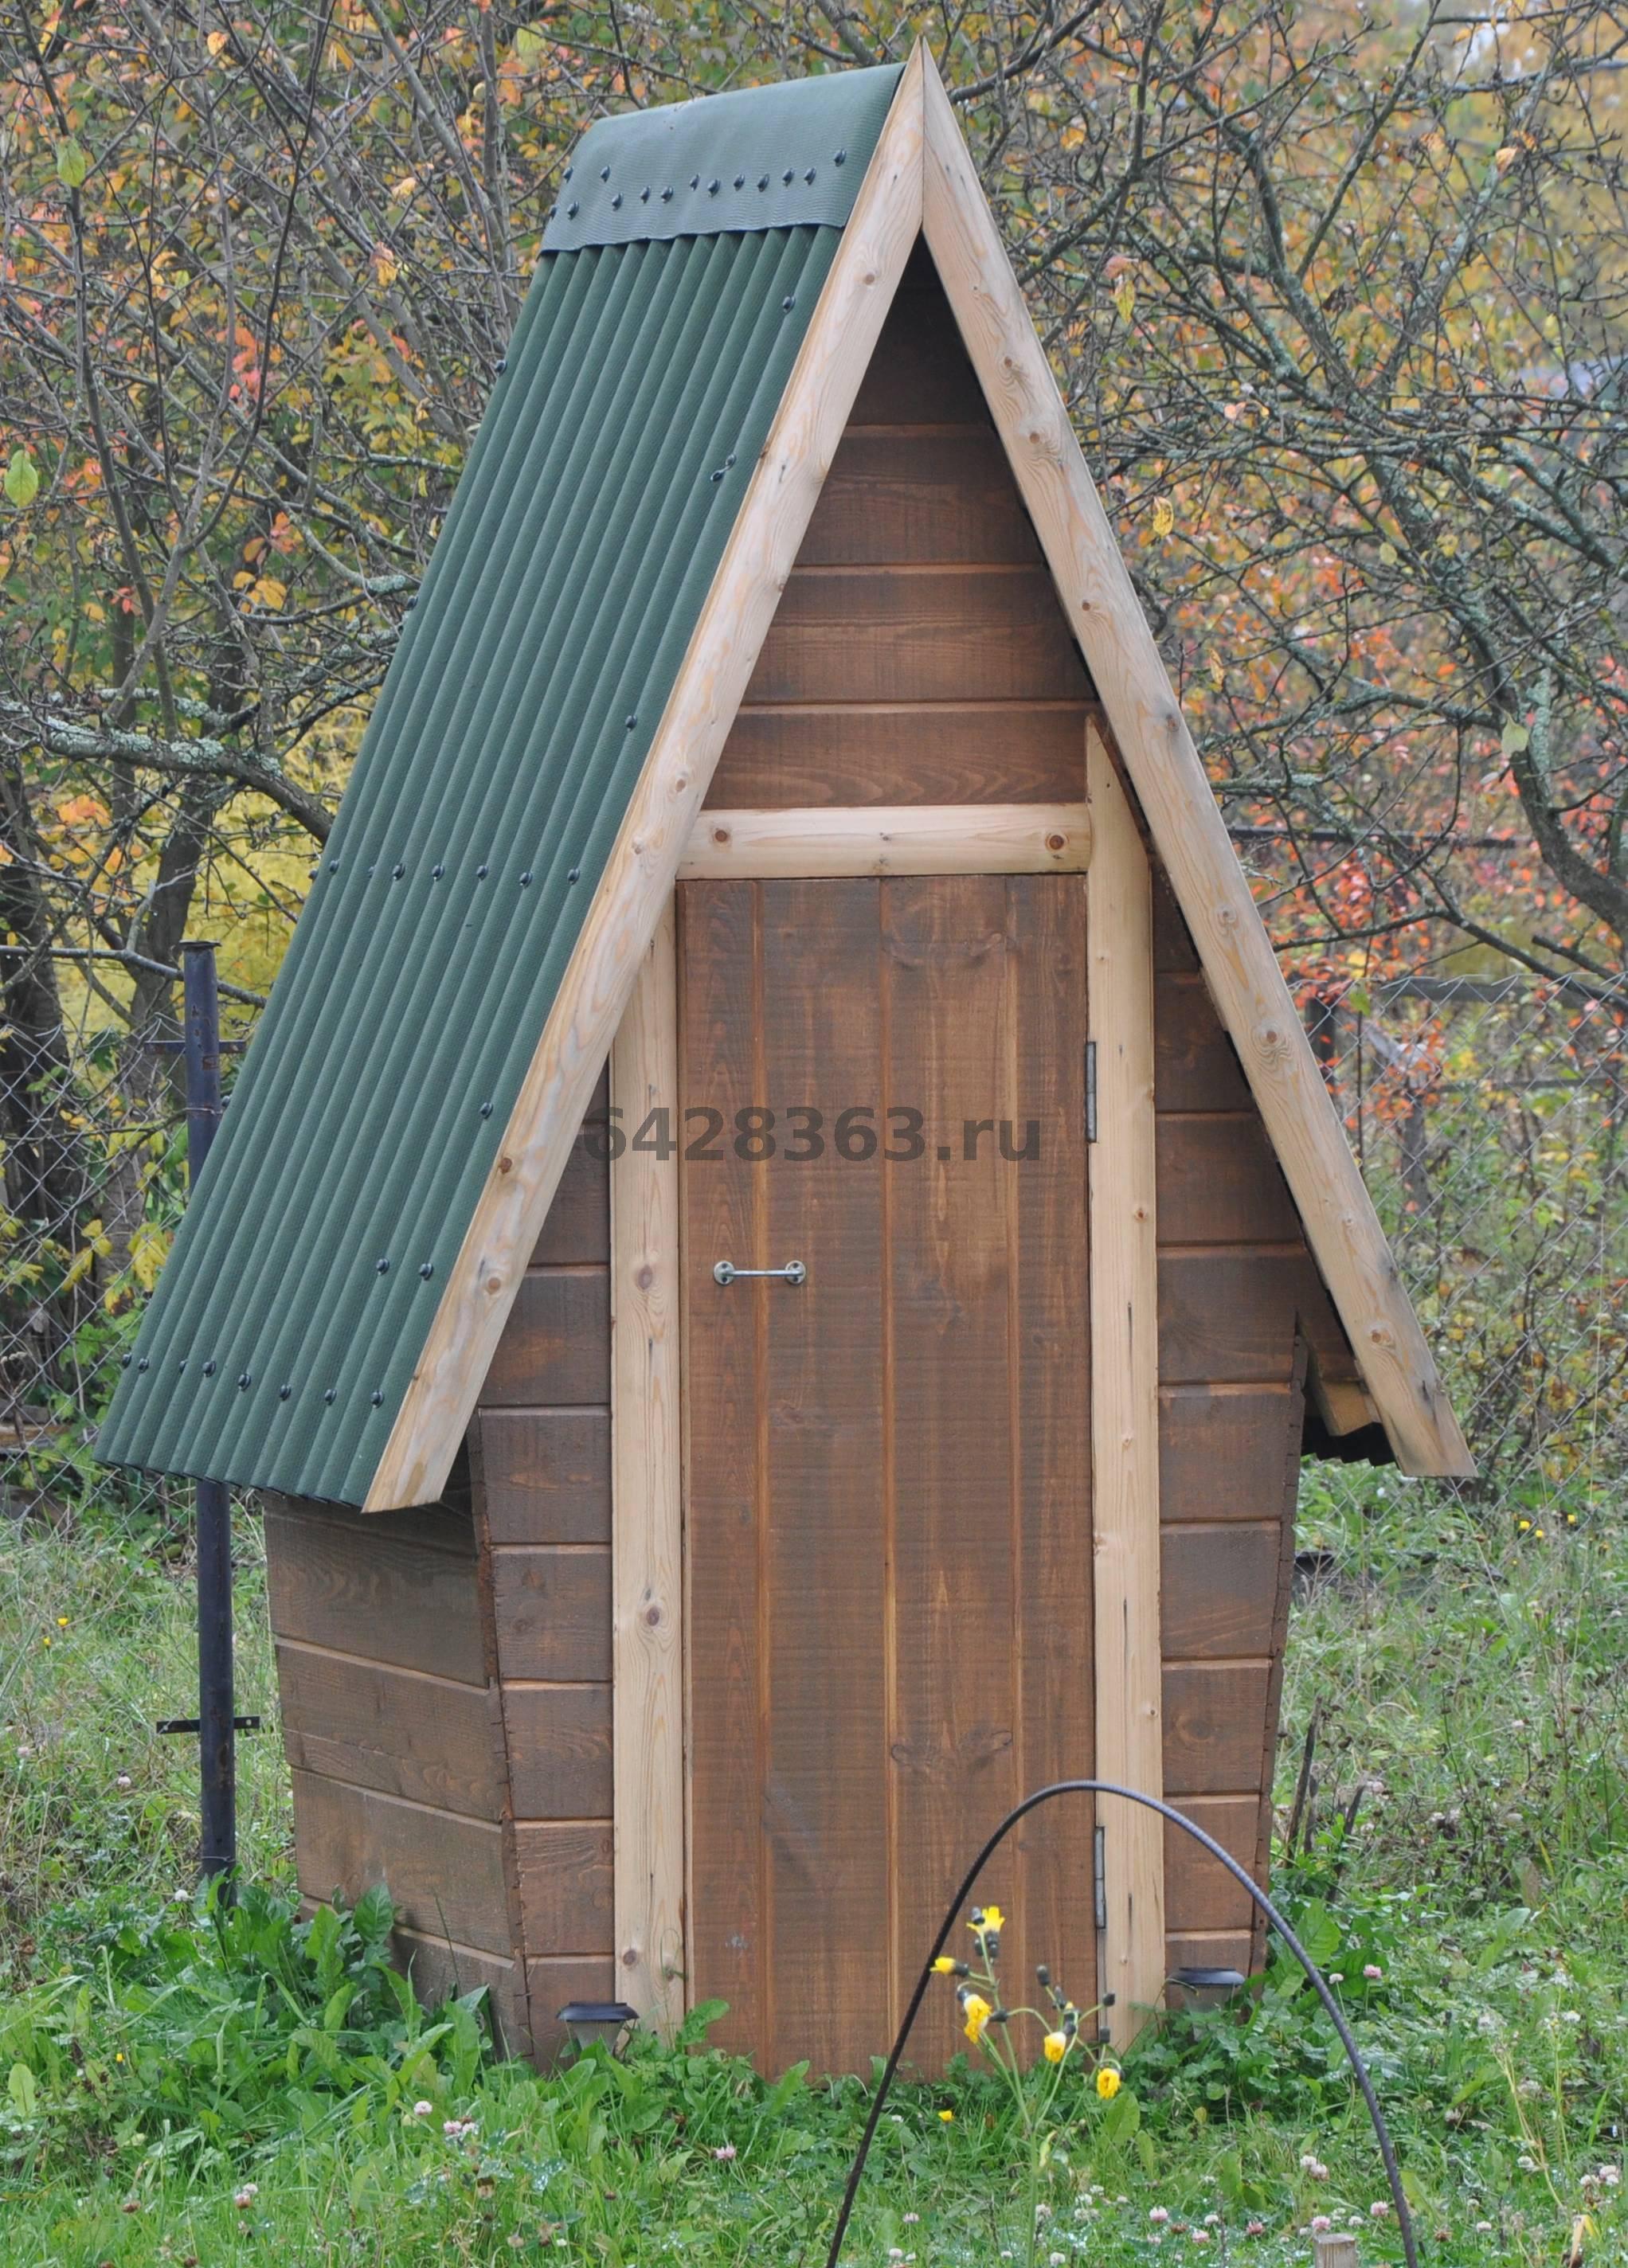 Деревянные туалеты для дачи своими руками чертежи